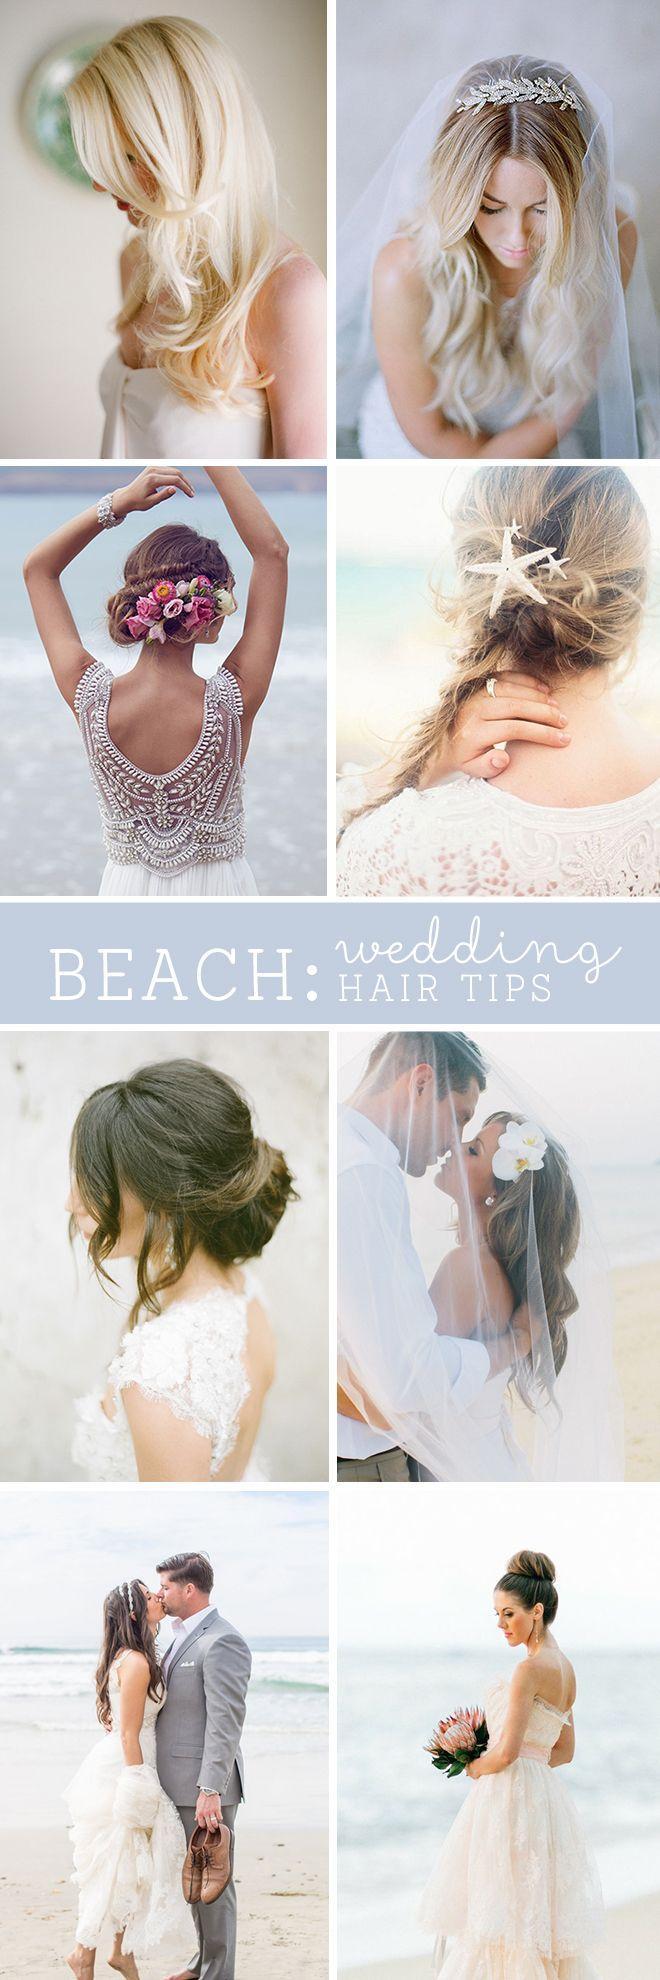 Hochzeit - The BEST Beach Wedding Hair Tips!